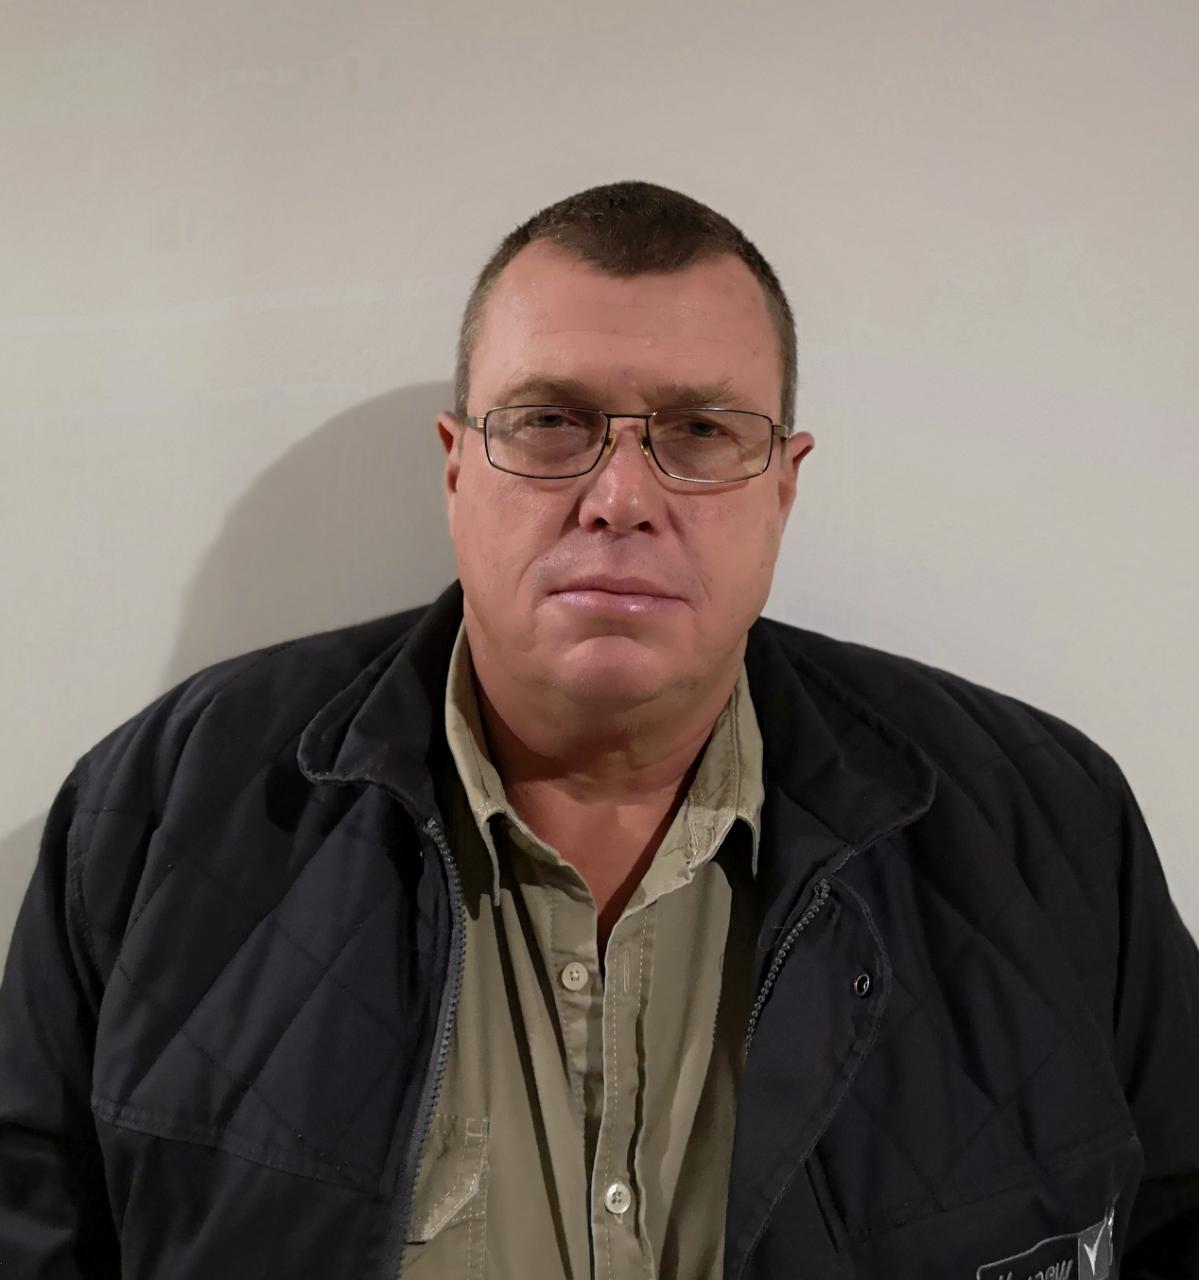 Jeff van Zyl - General Manager